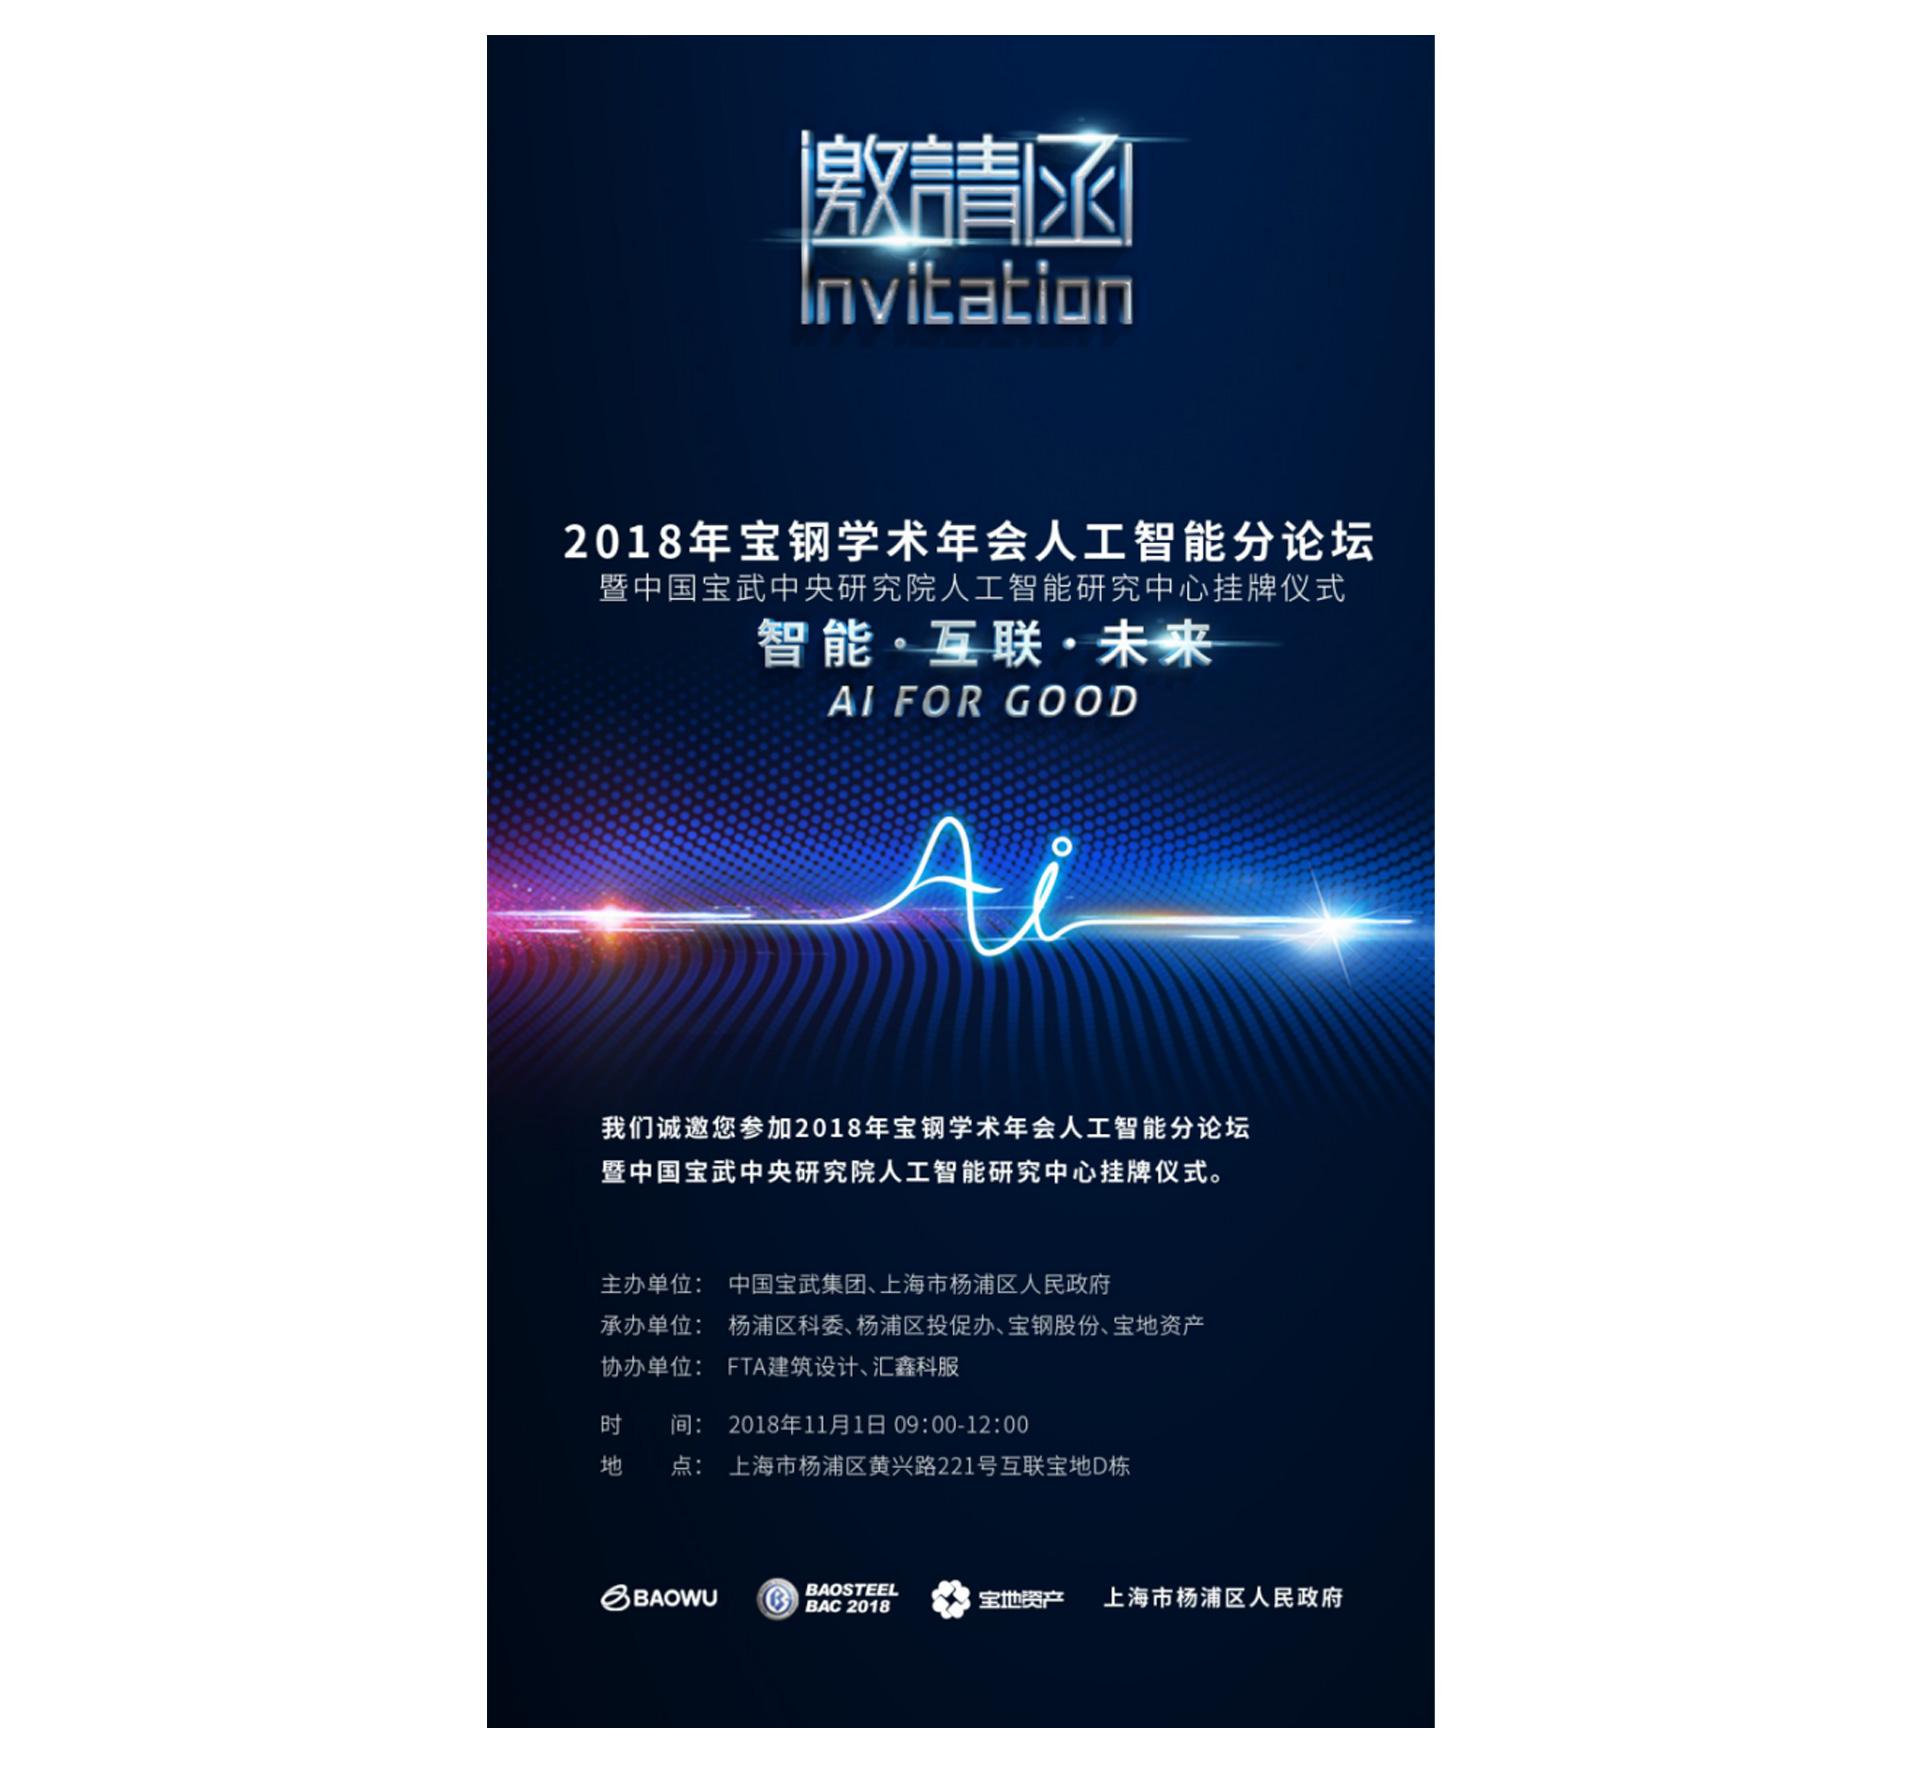 预告 | 2018年宝钢学术年会人工智能分论坛 你想知道的这里都有!